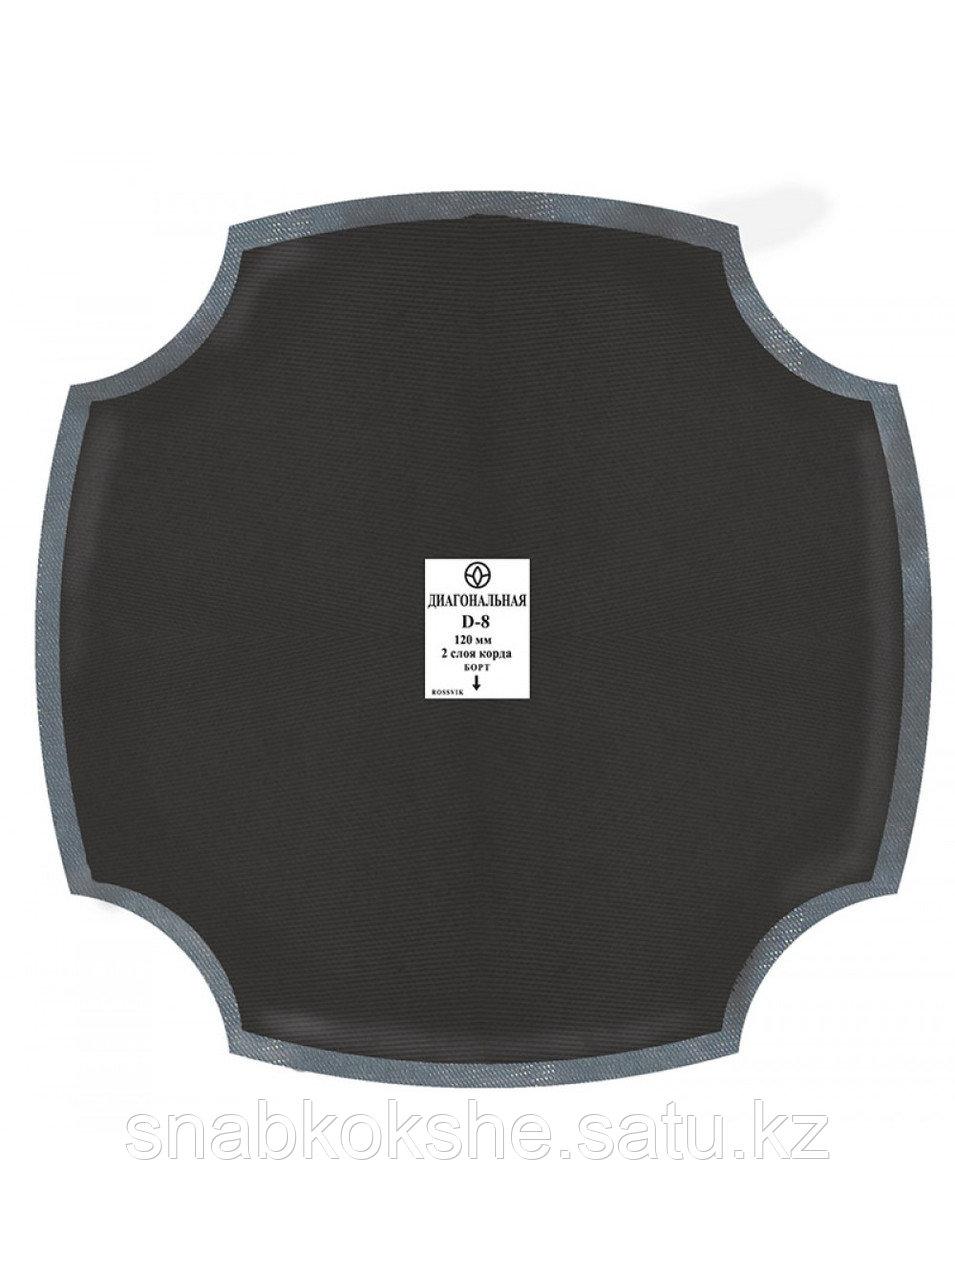 Пластырь D-8 345мм